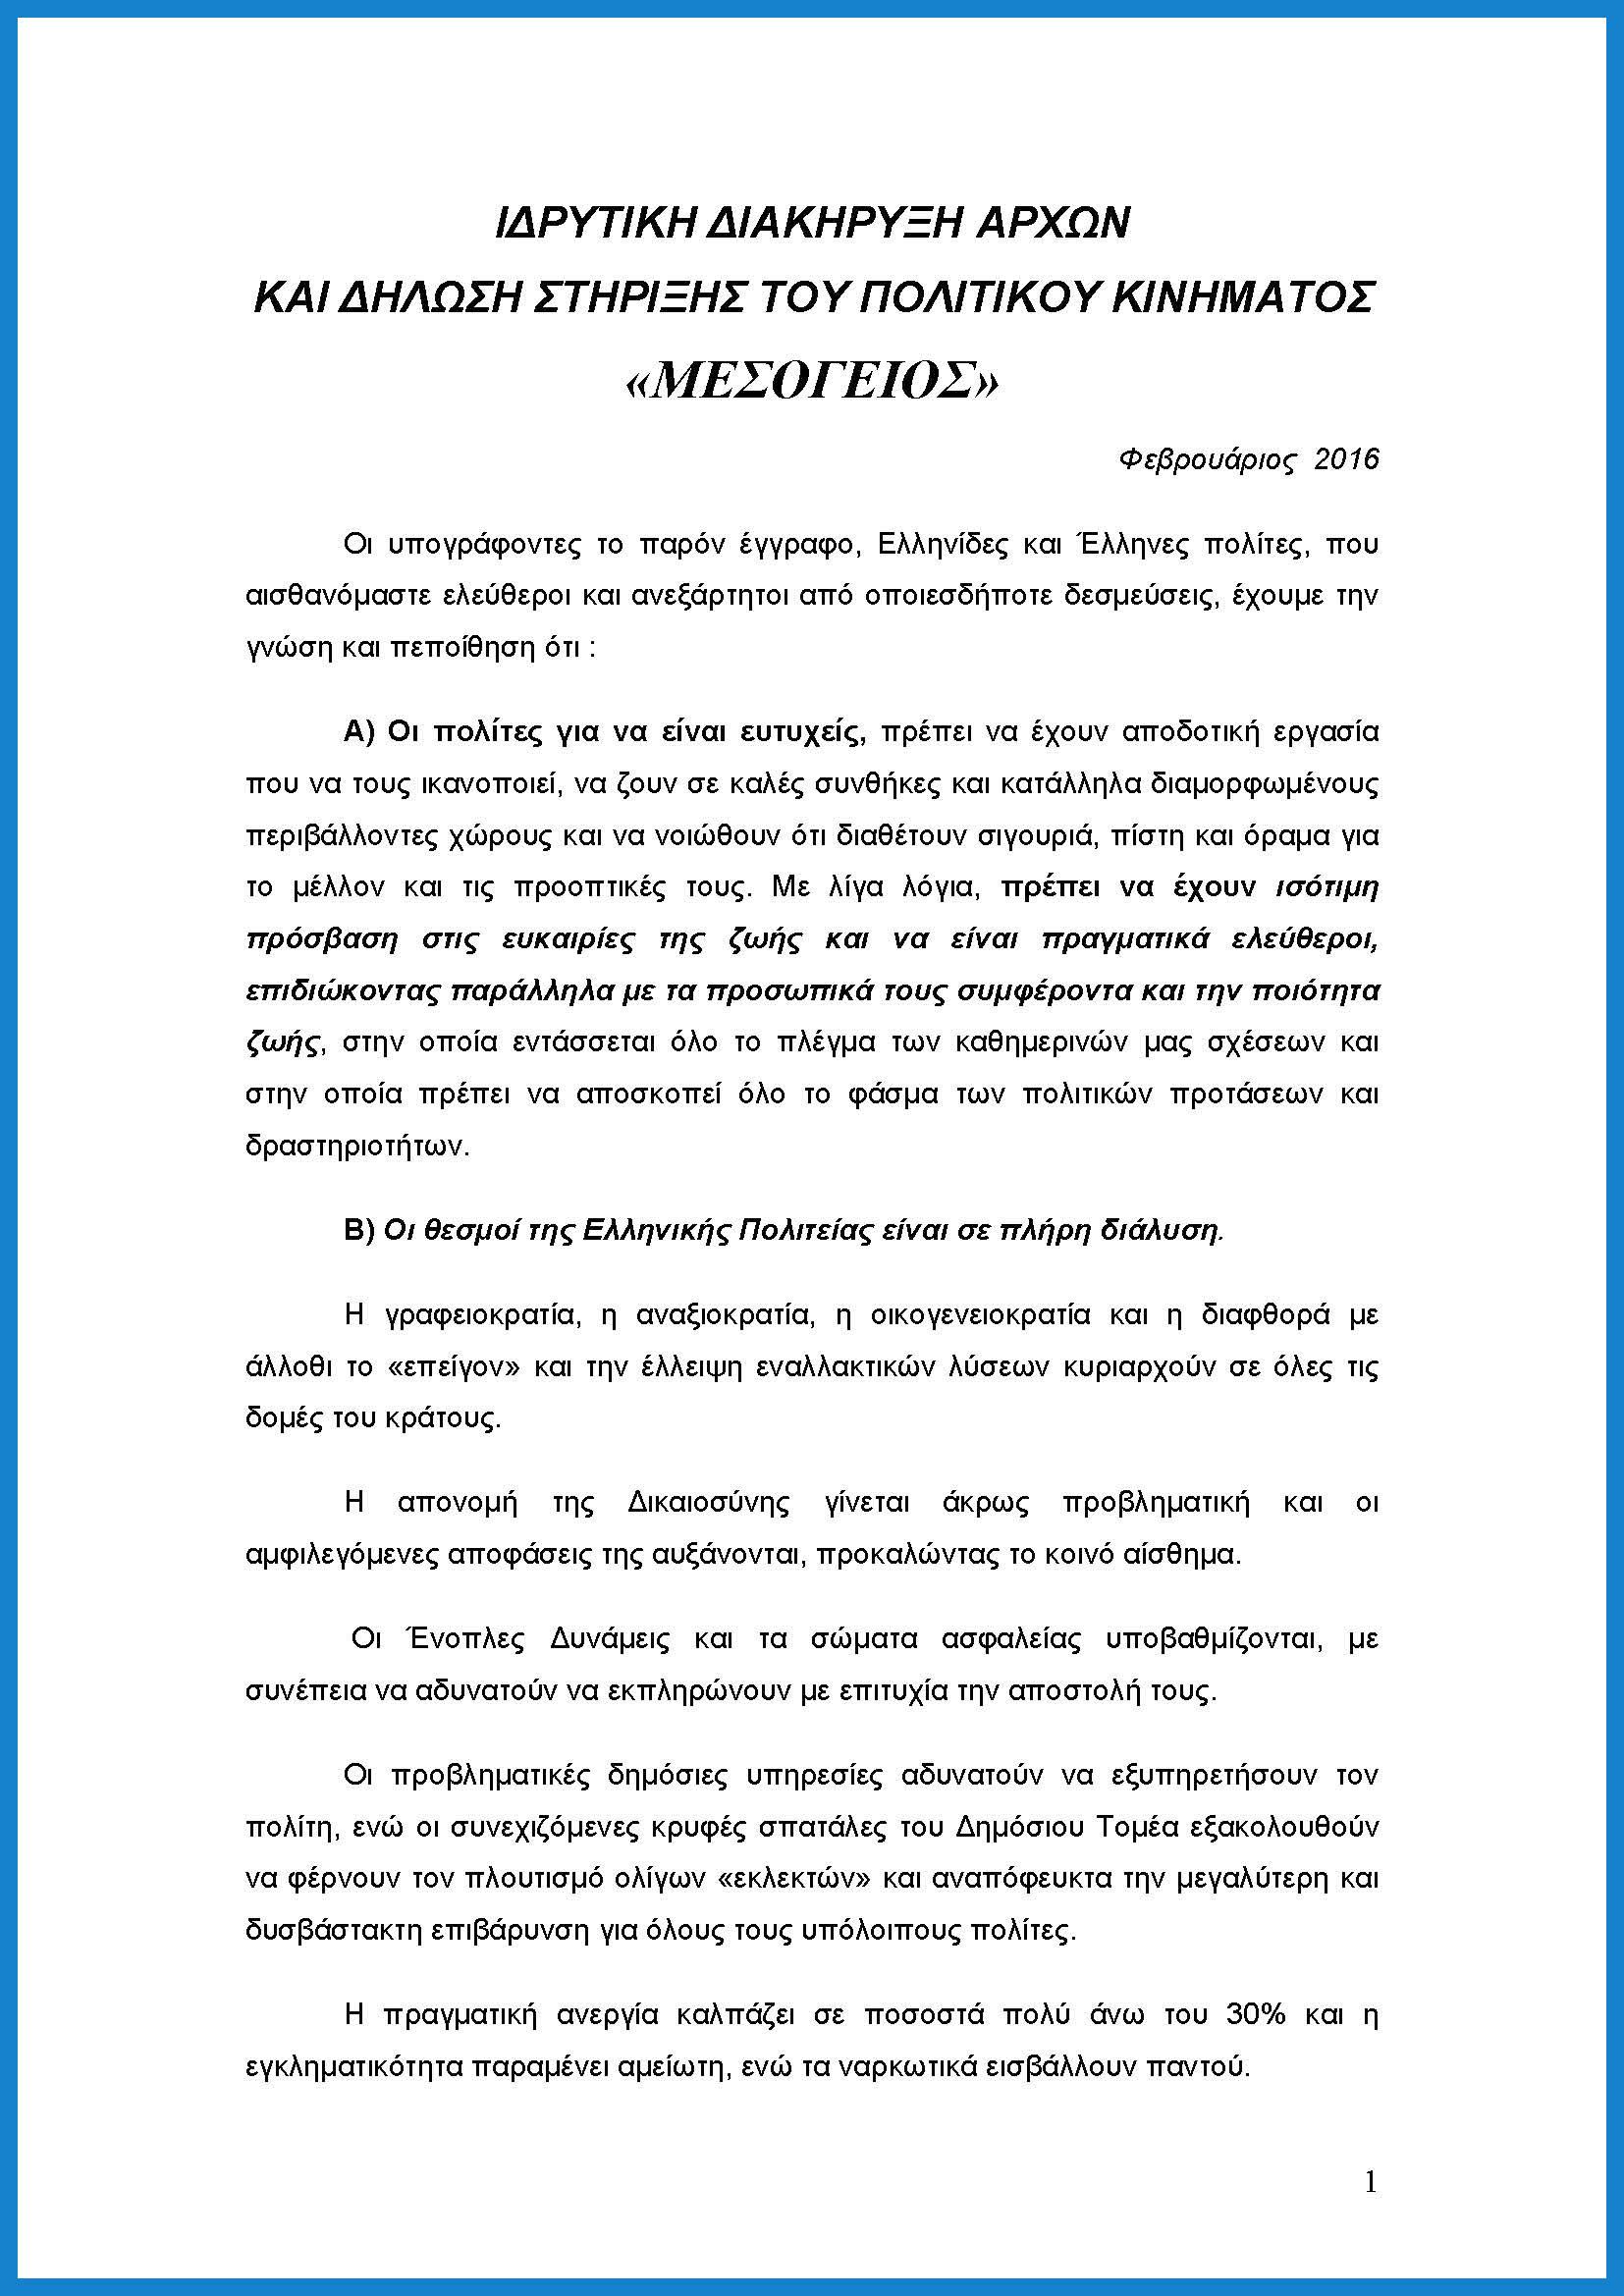 ΜΕΣΟΓΕΙΟΣ - Ιδρυτική Διακήρυξη Αρχών